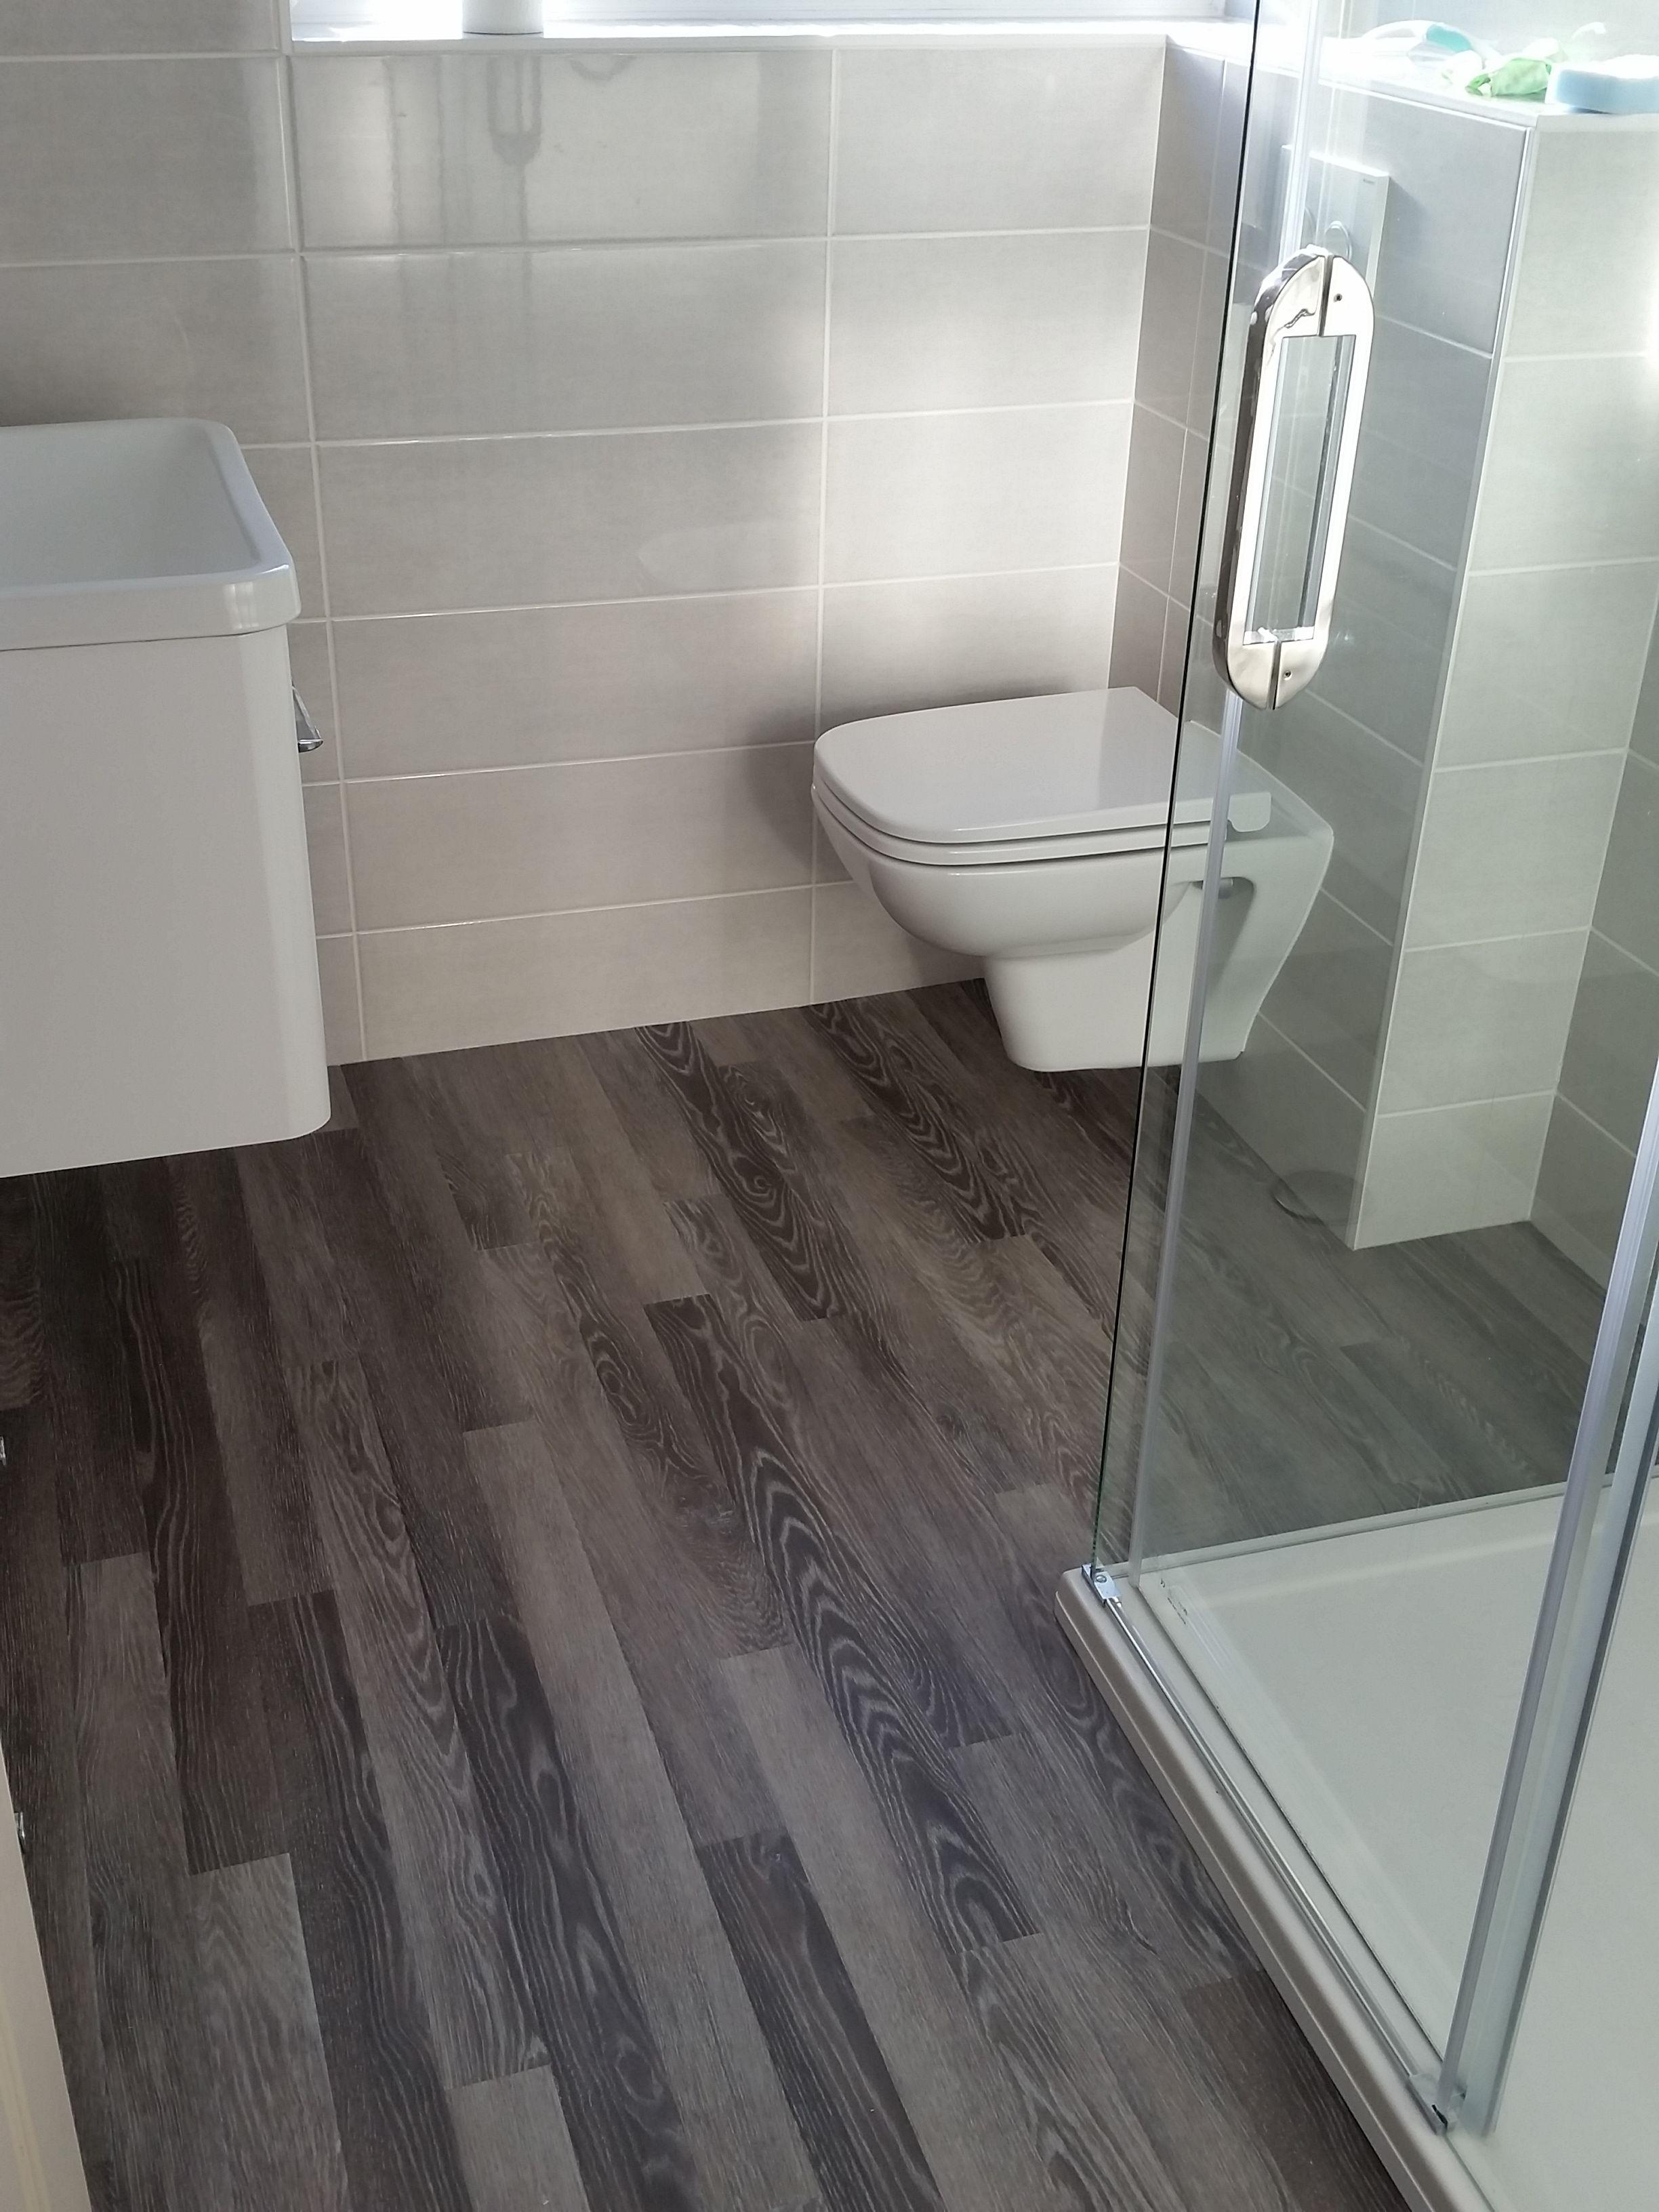 Wood Effect Vinyl Bathroom Flooring Bathroom Vinyl Vinyl